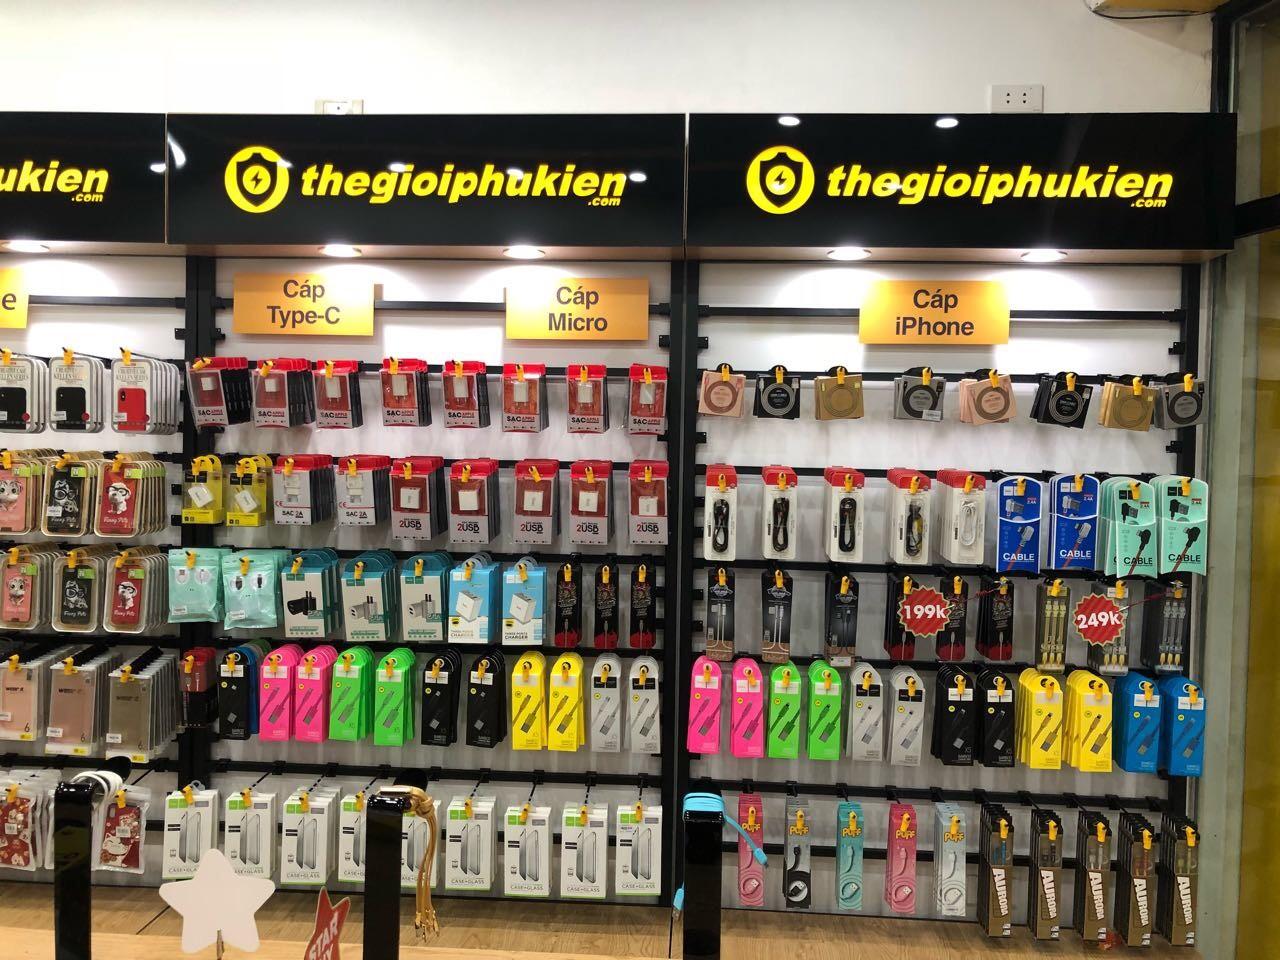 Thegioiphukien.com chính thức mở chuỗi cửa hàng bán phụ kiện di động tại miền Bắc